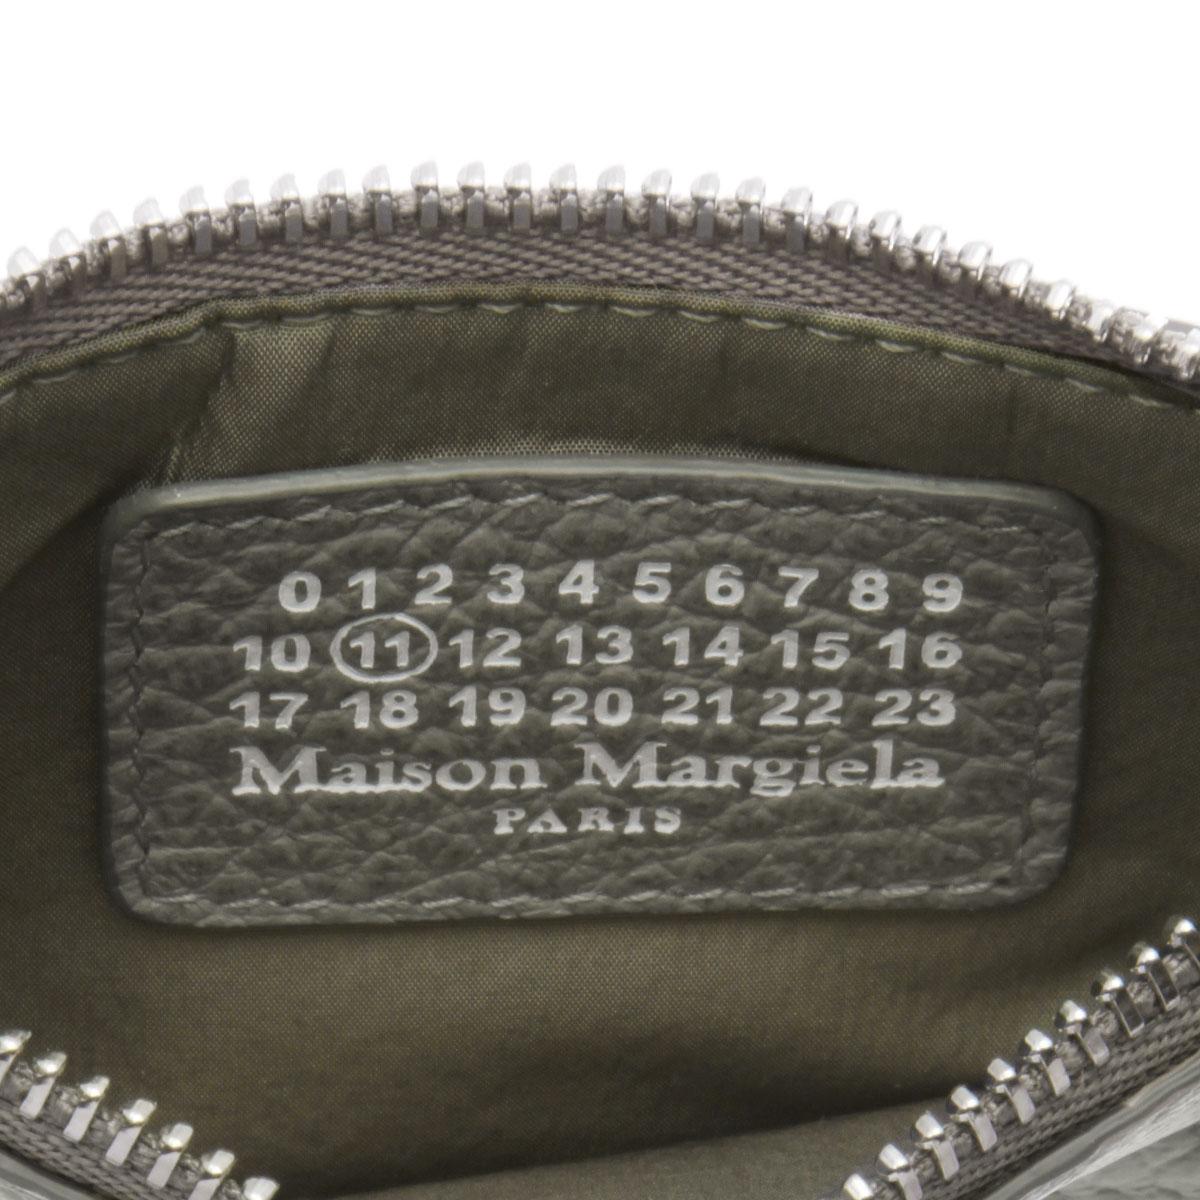 MAISON MARGIELA メゾン マルジェラ | ライン11 カードケース